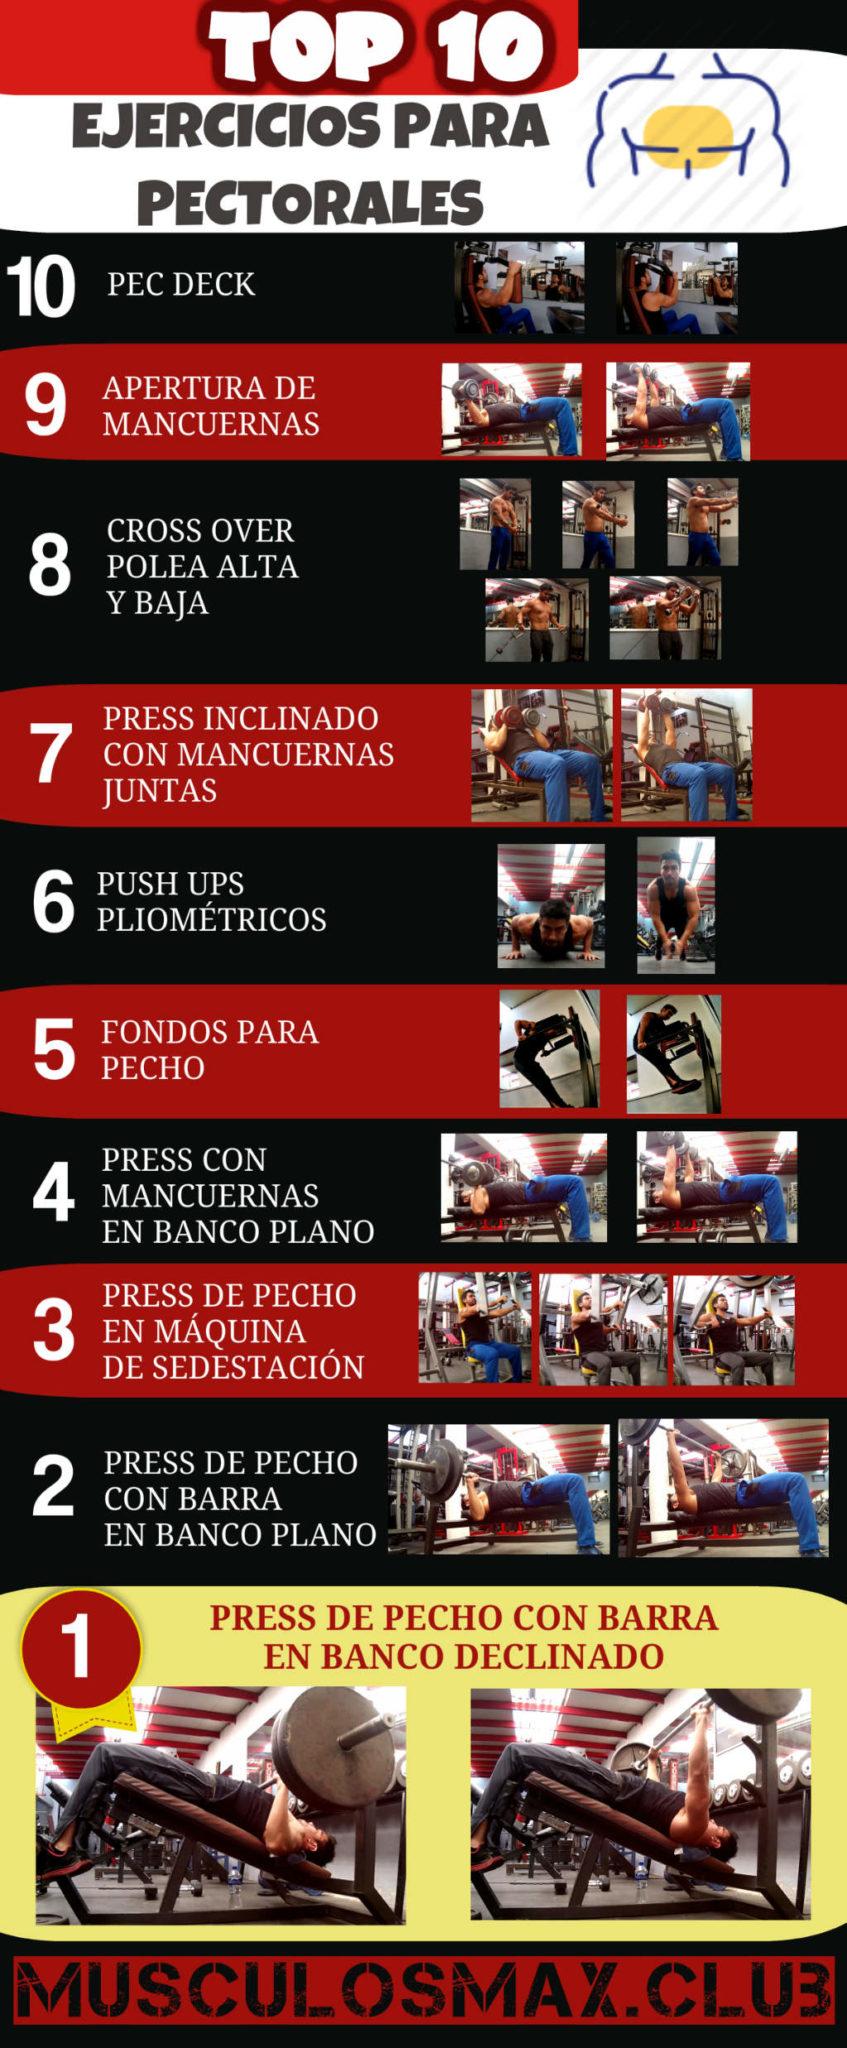 Top 10 ejercicios para pectorales